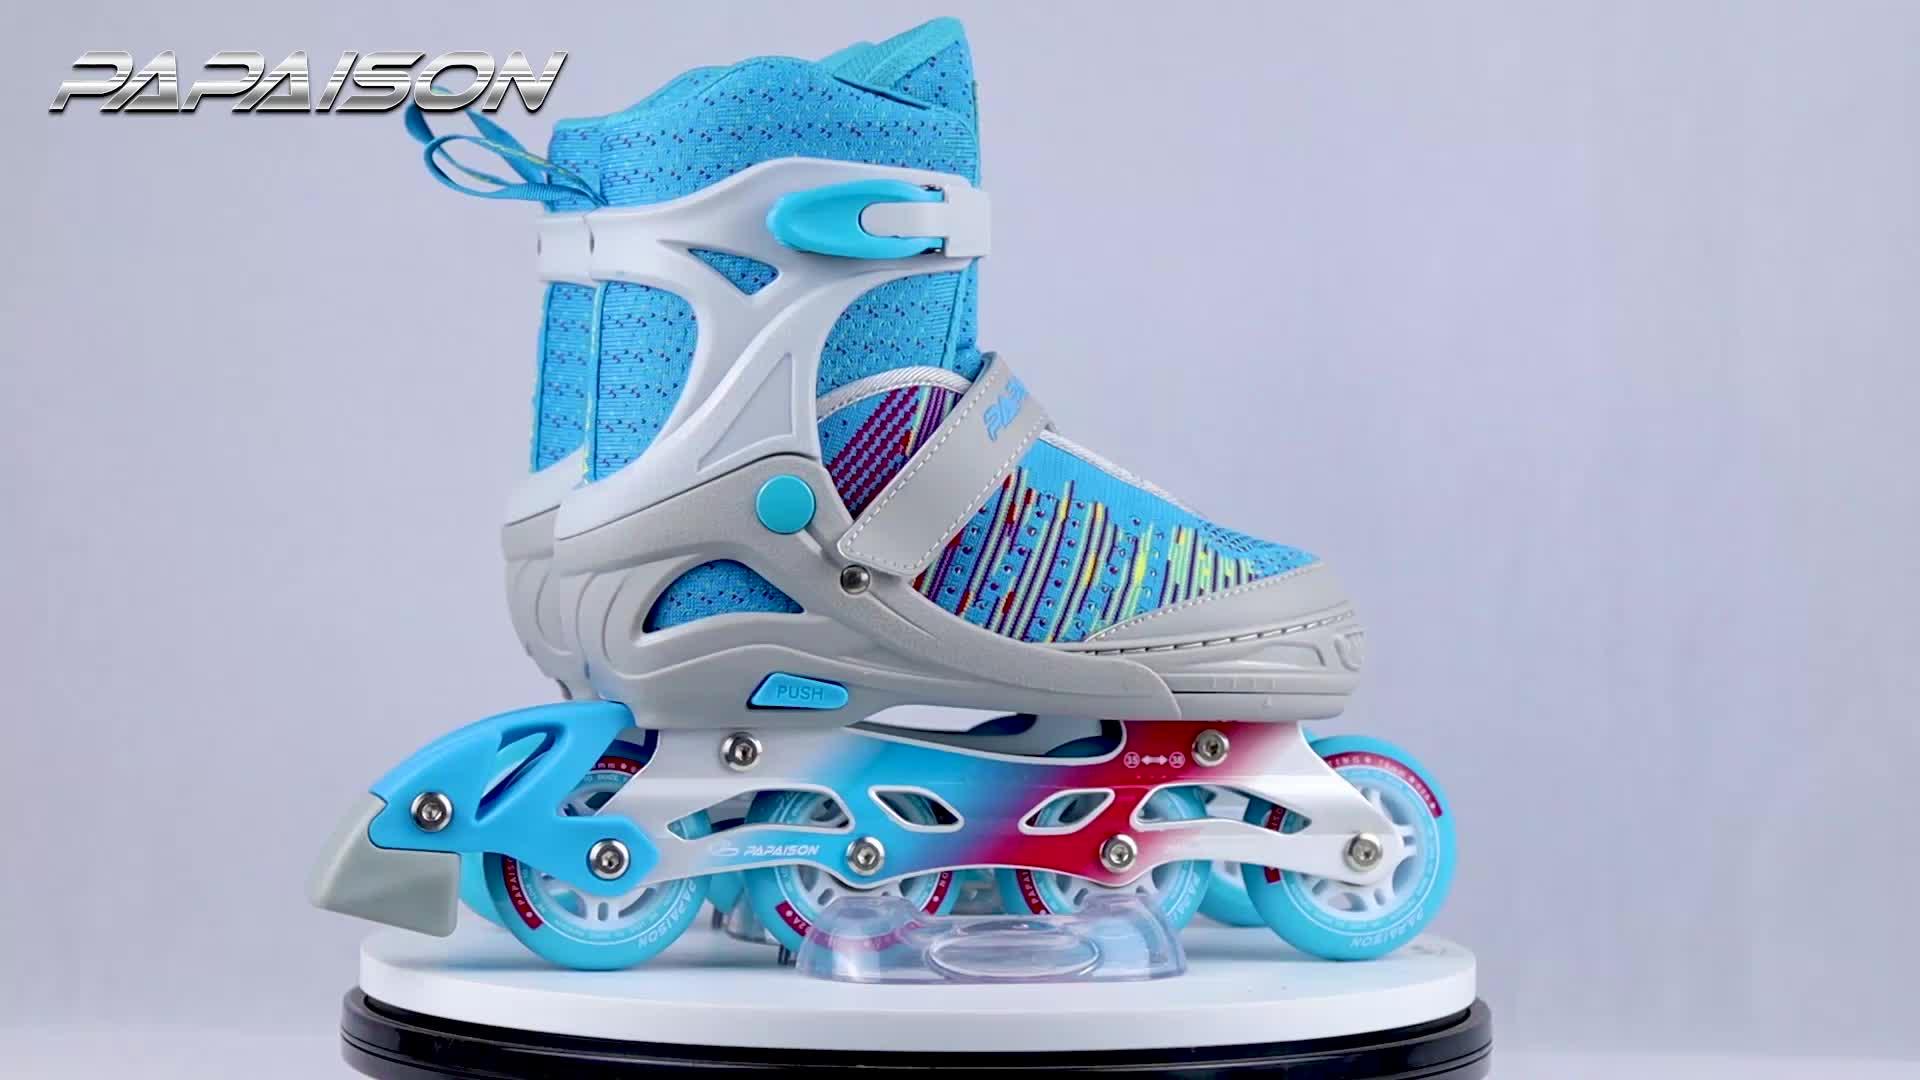 PAPAISON взрослых patins роликовые лезвия коньки роликовые лезвия 4 колеса коньки обувь для детей для мужчин женщин